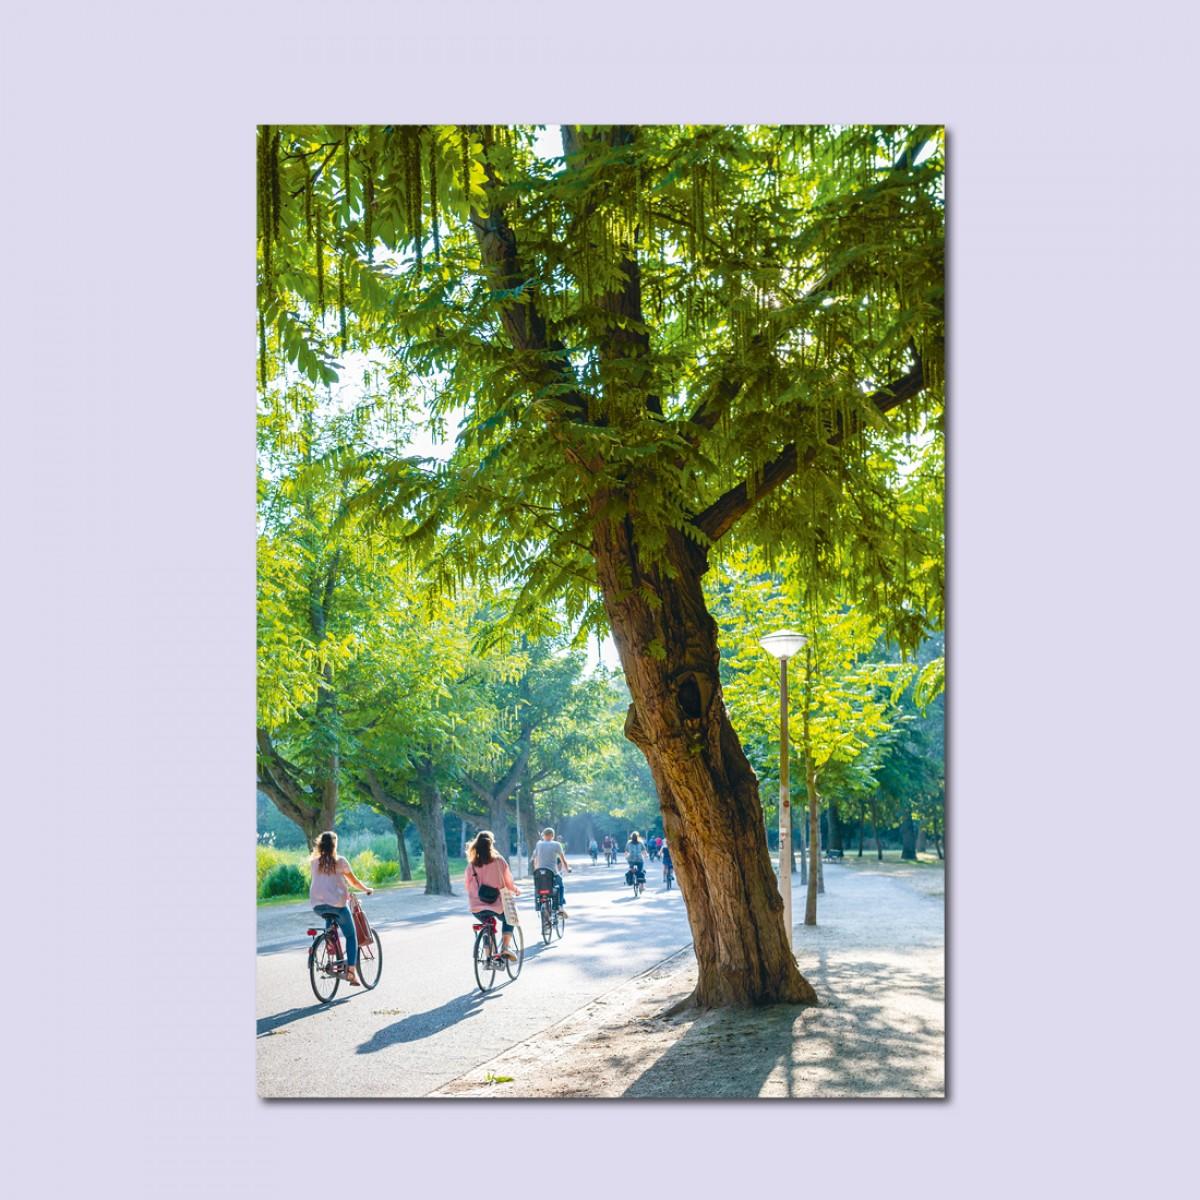 'Fietsen Amsterdam' limitierter Fotodruck auf Naturpapier, DIN A2, klimaneutral gedruckt / Ankerwechsel Verlag